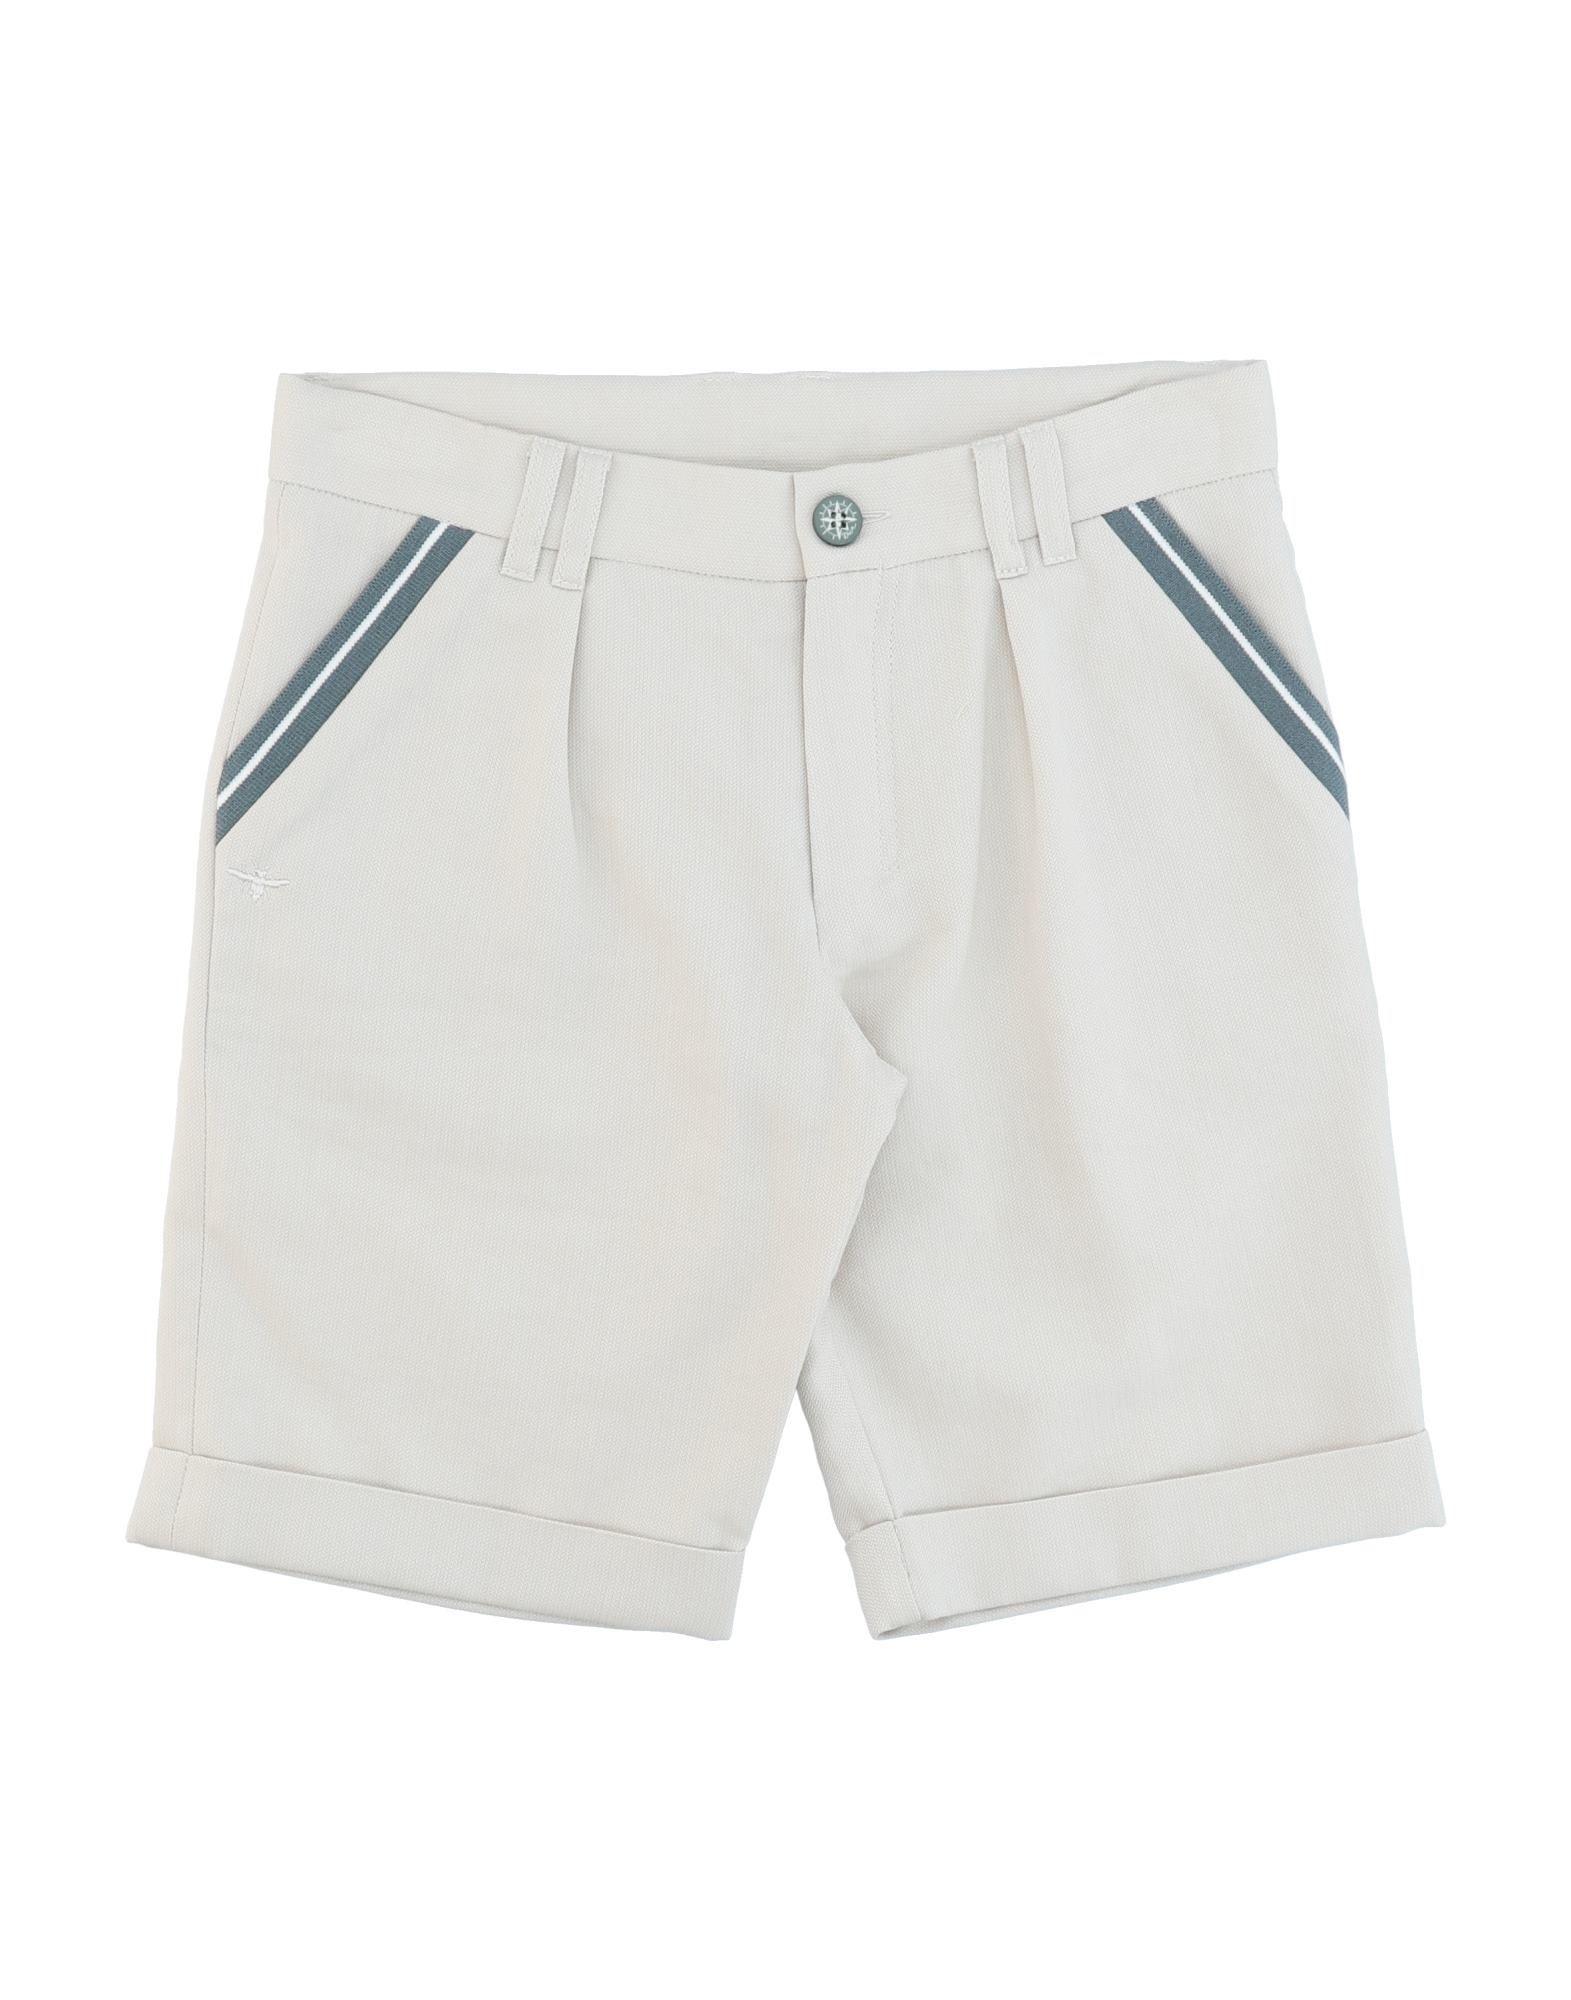 Baby Dior Kids' Bermudas In White